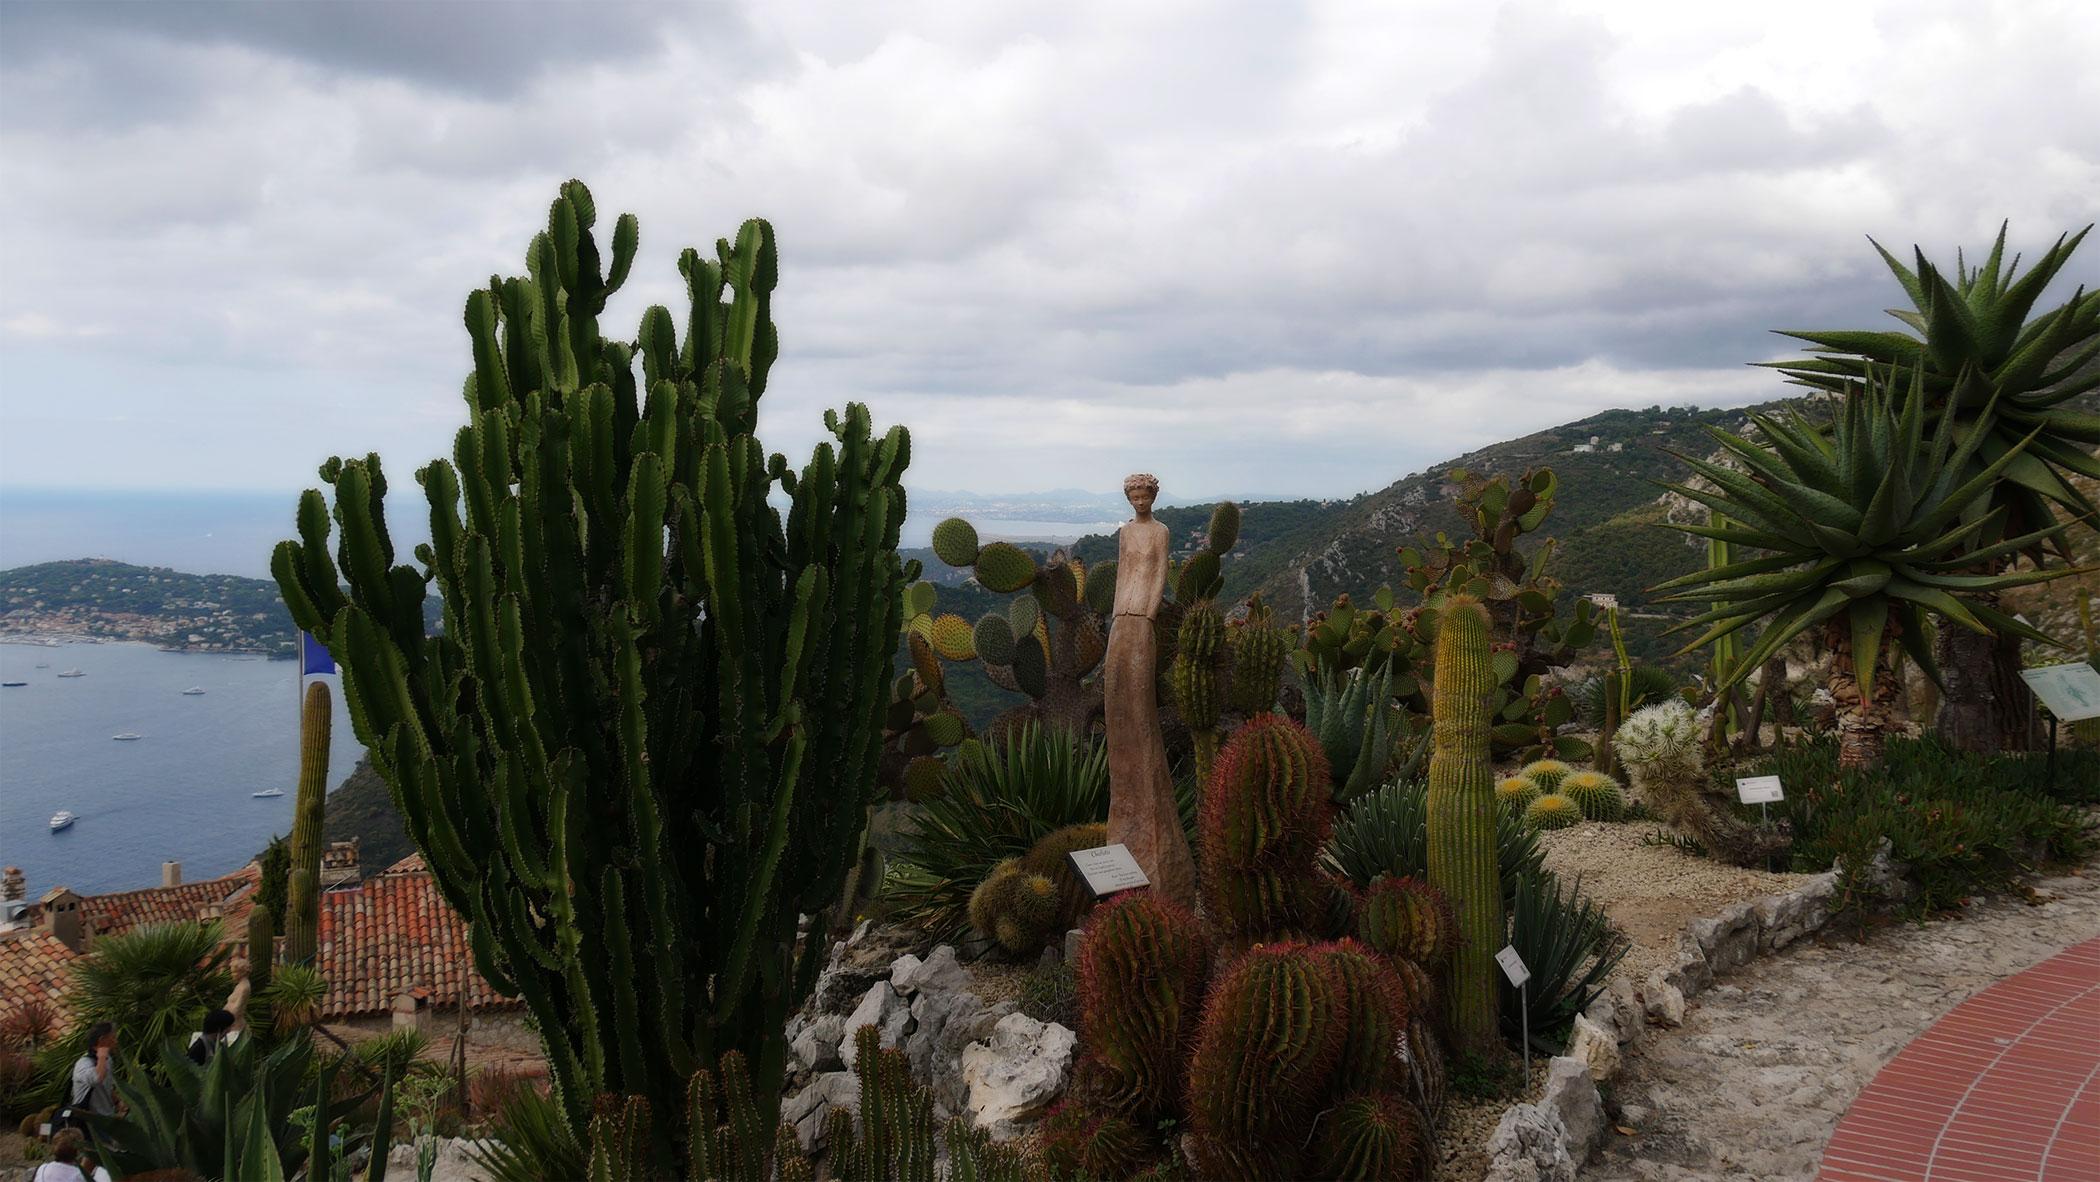 eze-jardin-exotique - Provence Guide - Reiseführer, Reisetipps und Fotos